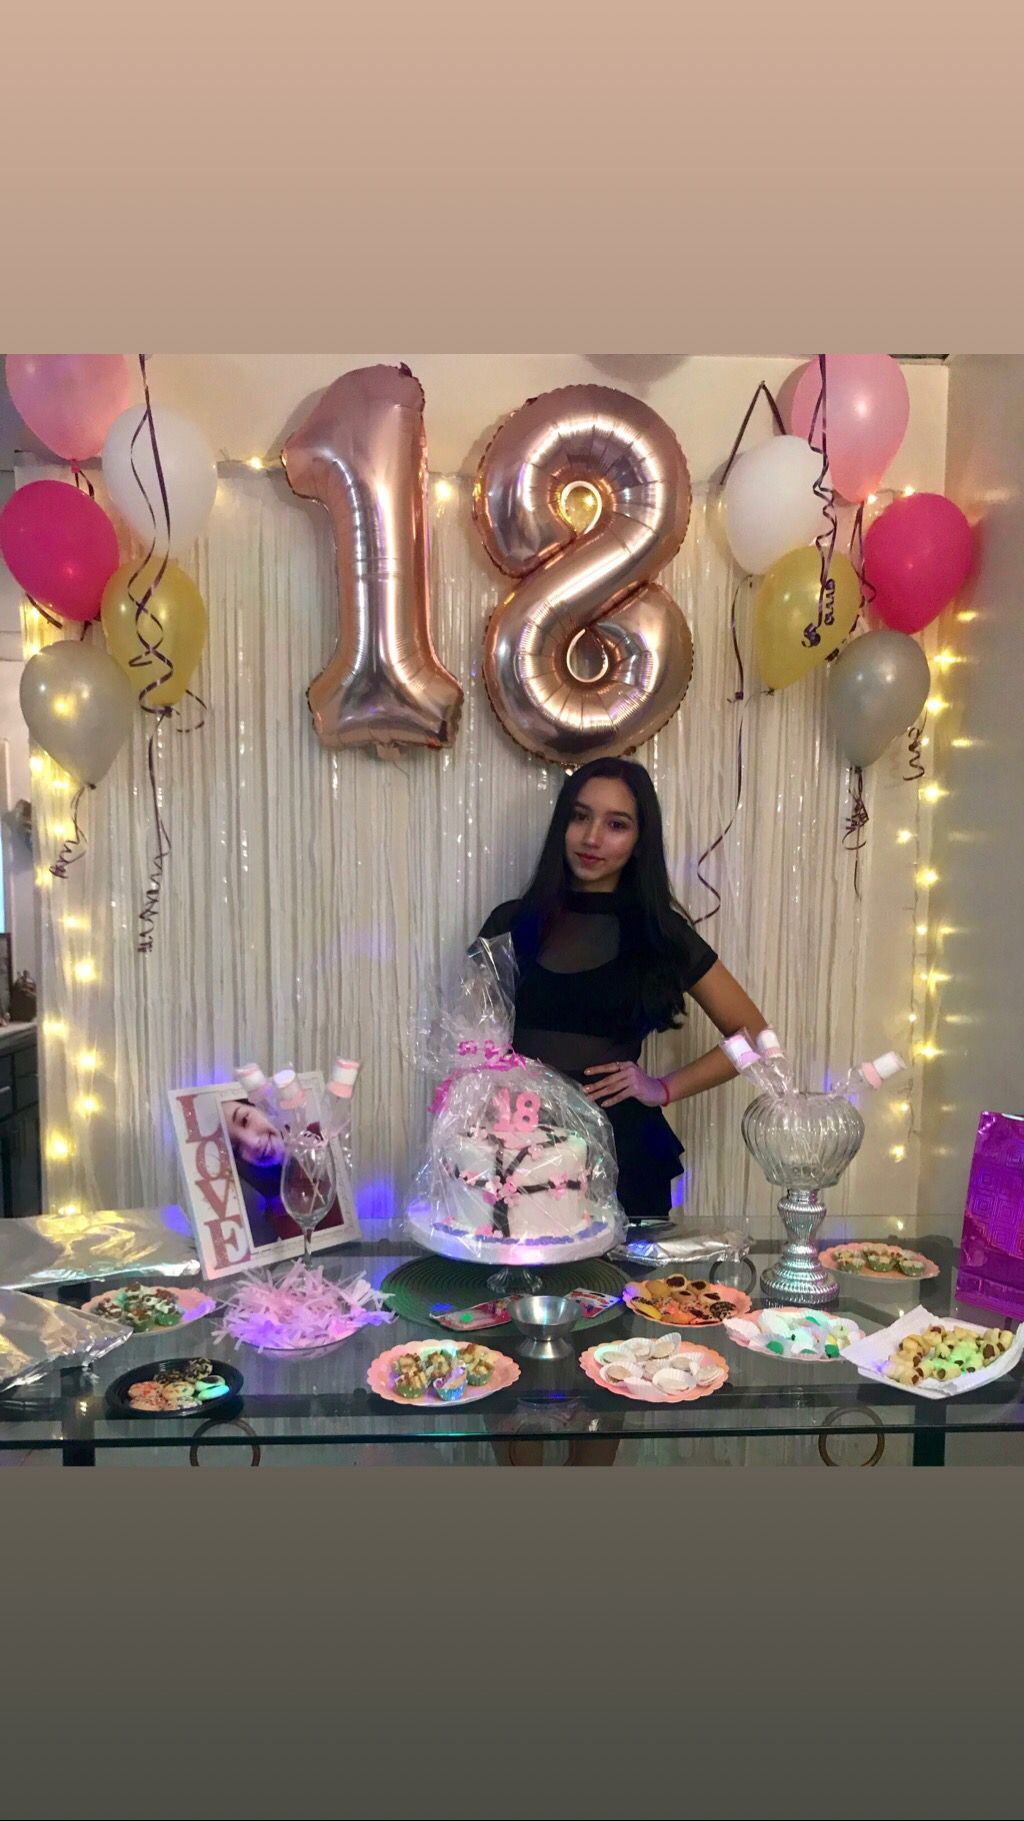 Pin De Ariana Rivera Em Tumblr Festa Simples Aniversario Festa